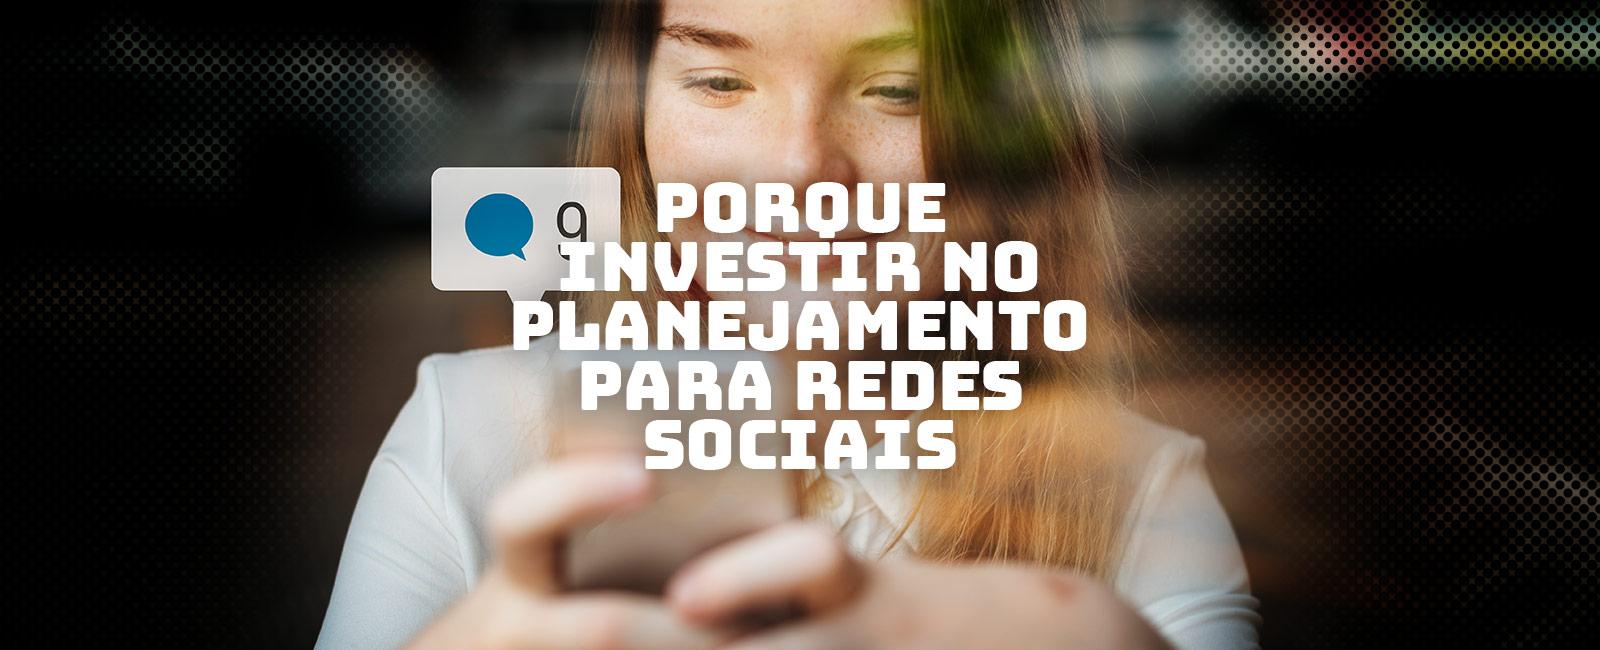 Planejamento para redes sociais